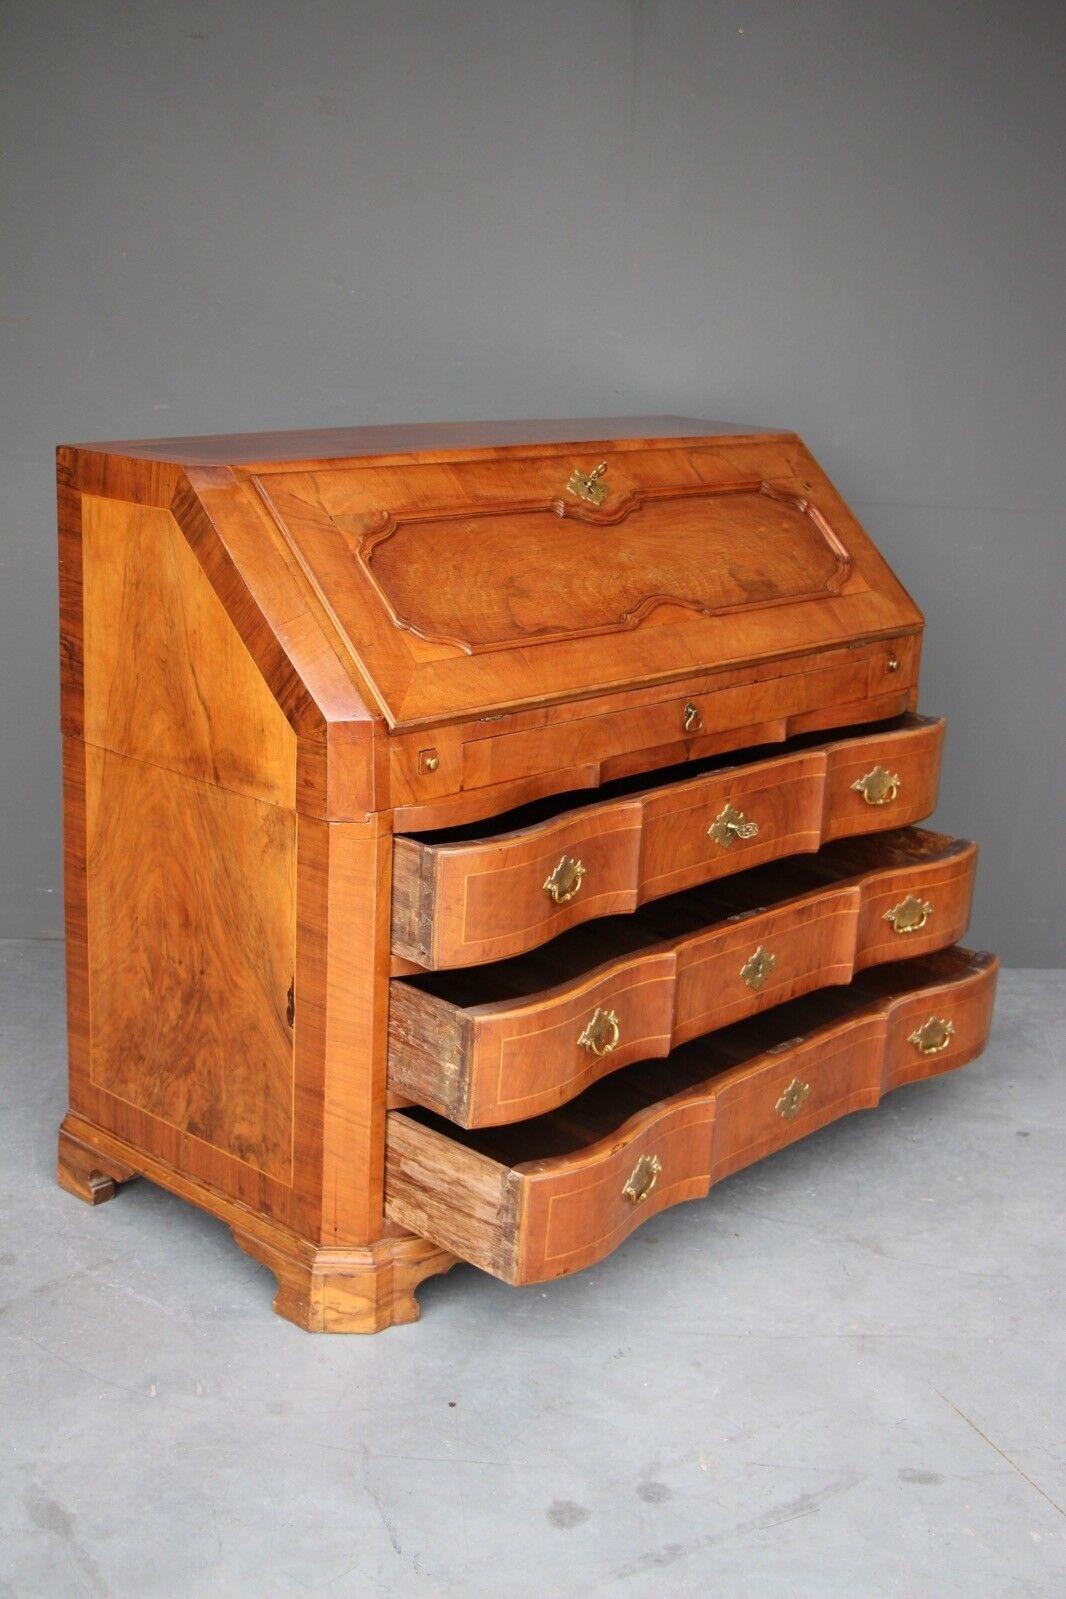 Rare antique 18th century European baroque walnut inlaid secretaire bureau desk 11